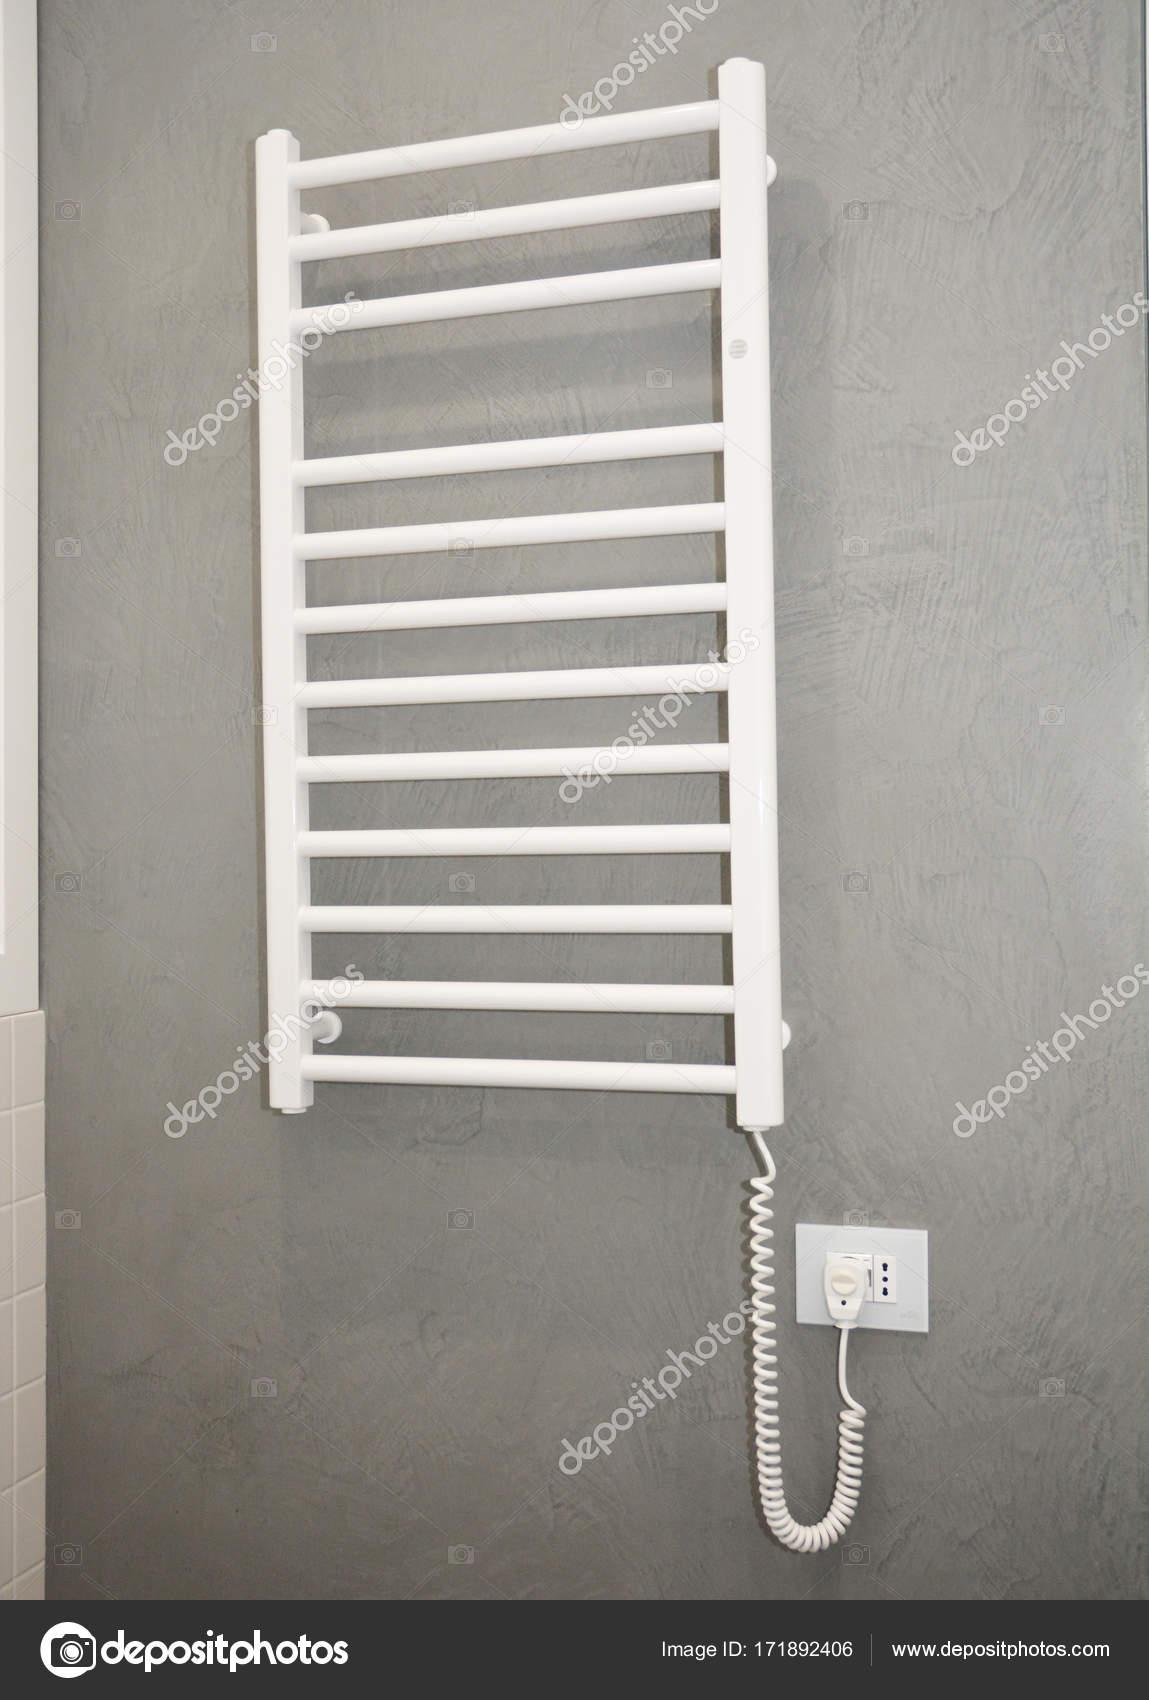 Handdoekradiator Elements.Thermostatic elektrische handdoekhouder ...